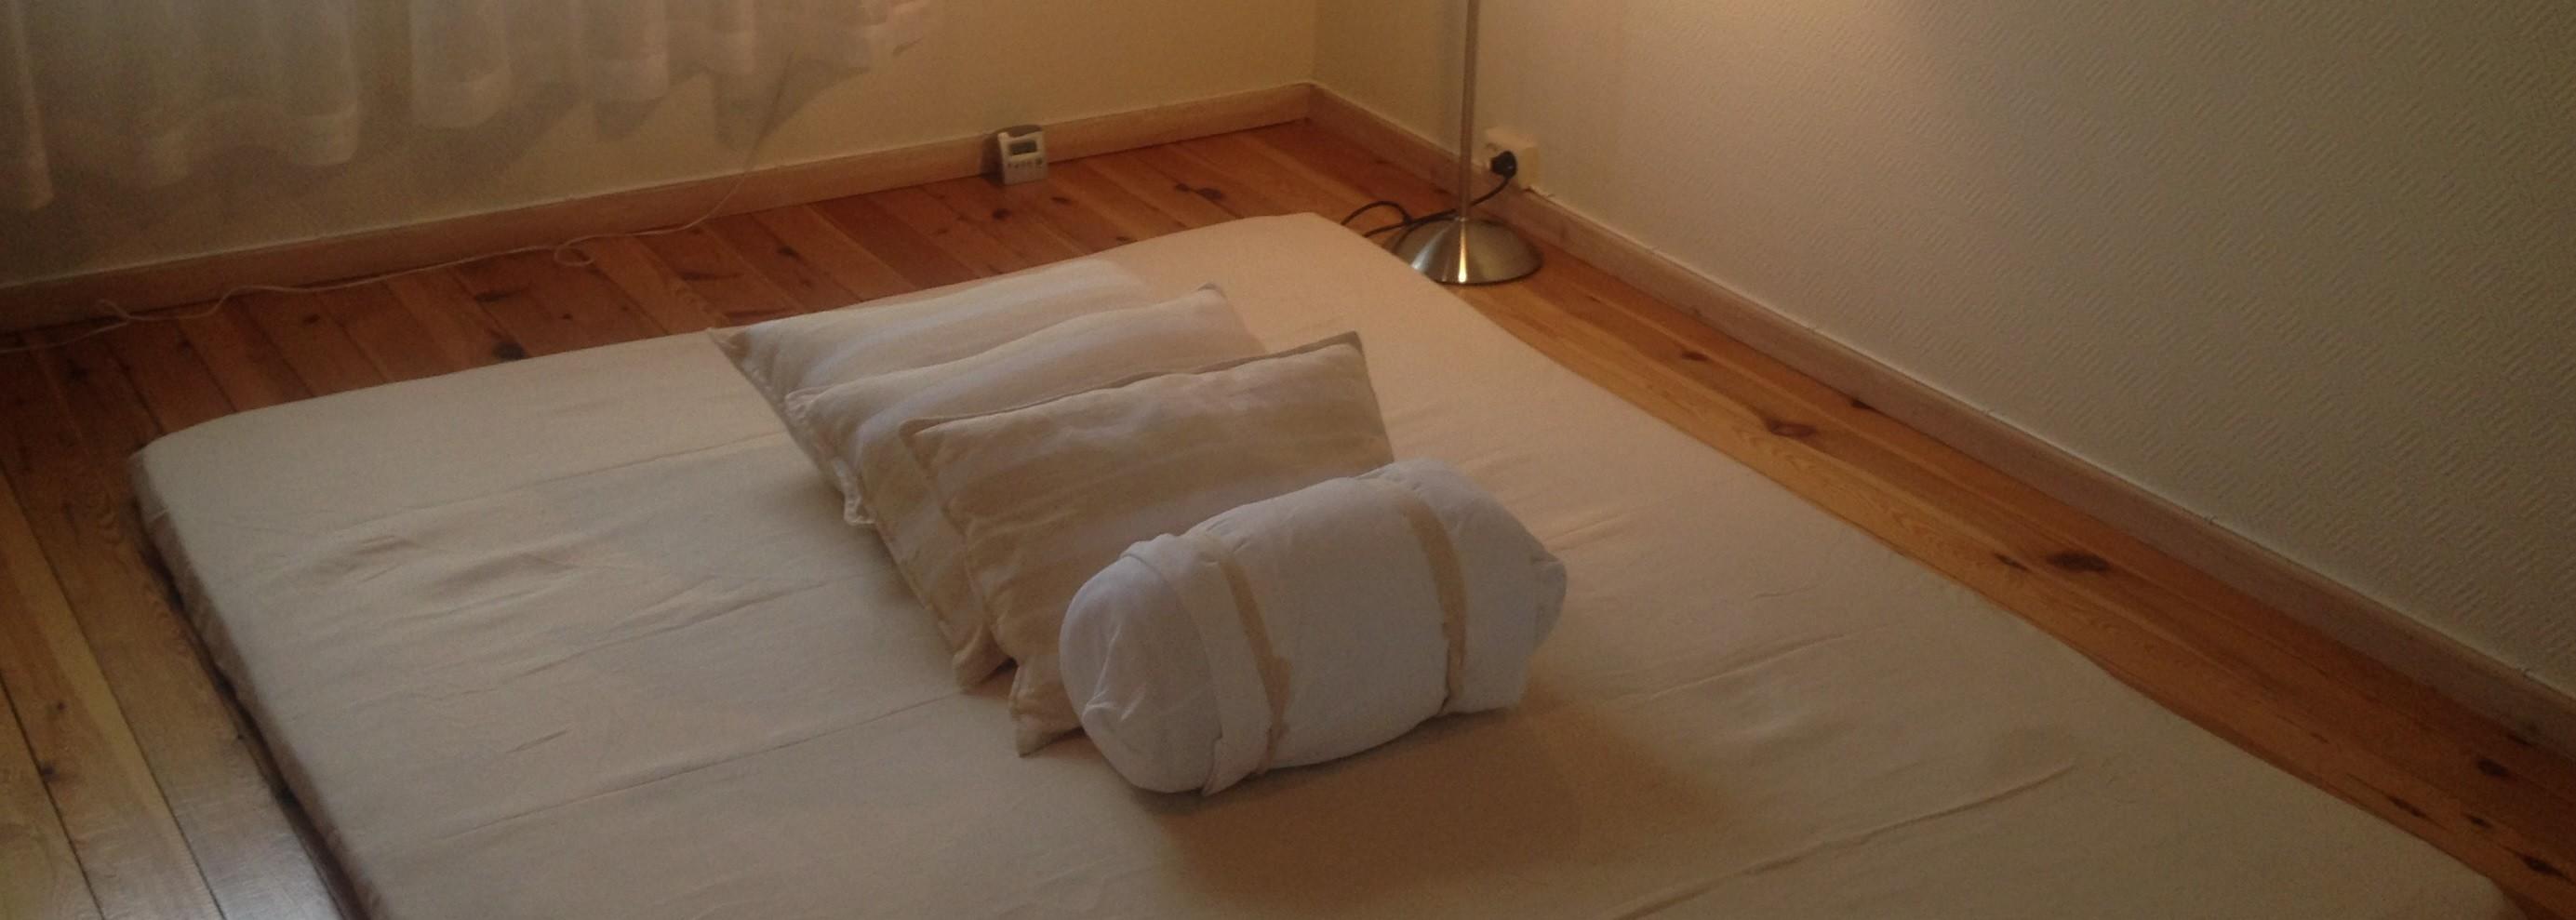 Shiatsu - en vei til bedre helse og velvære